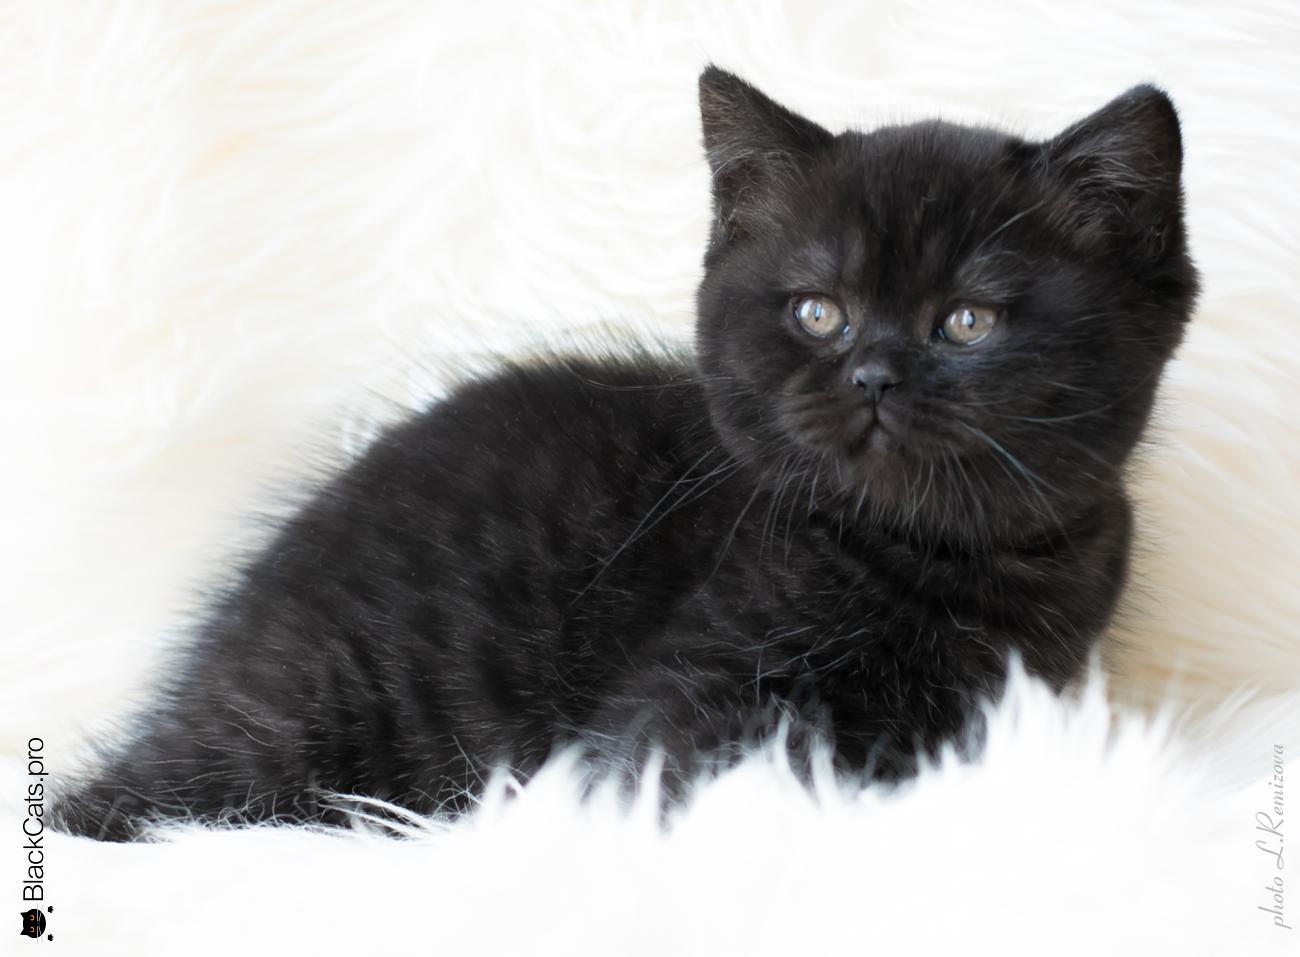 Черный британский кот 2 месяца. Питомник Jetstone